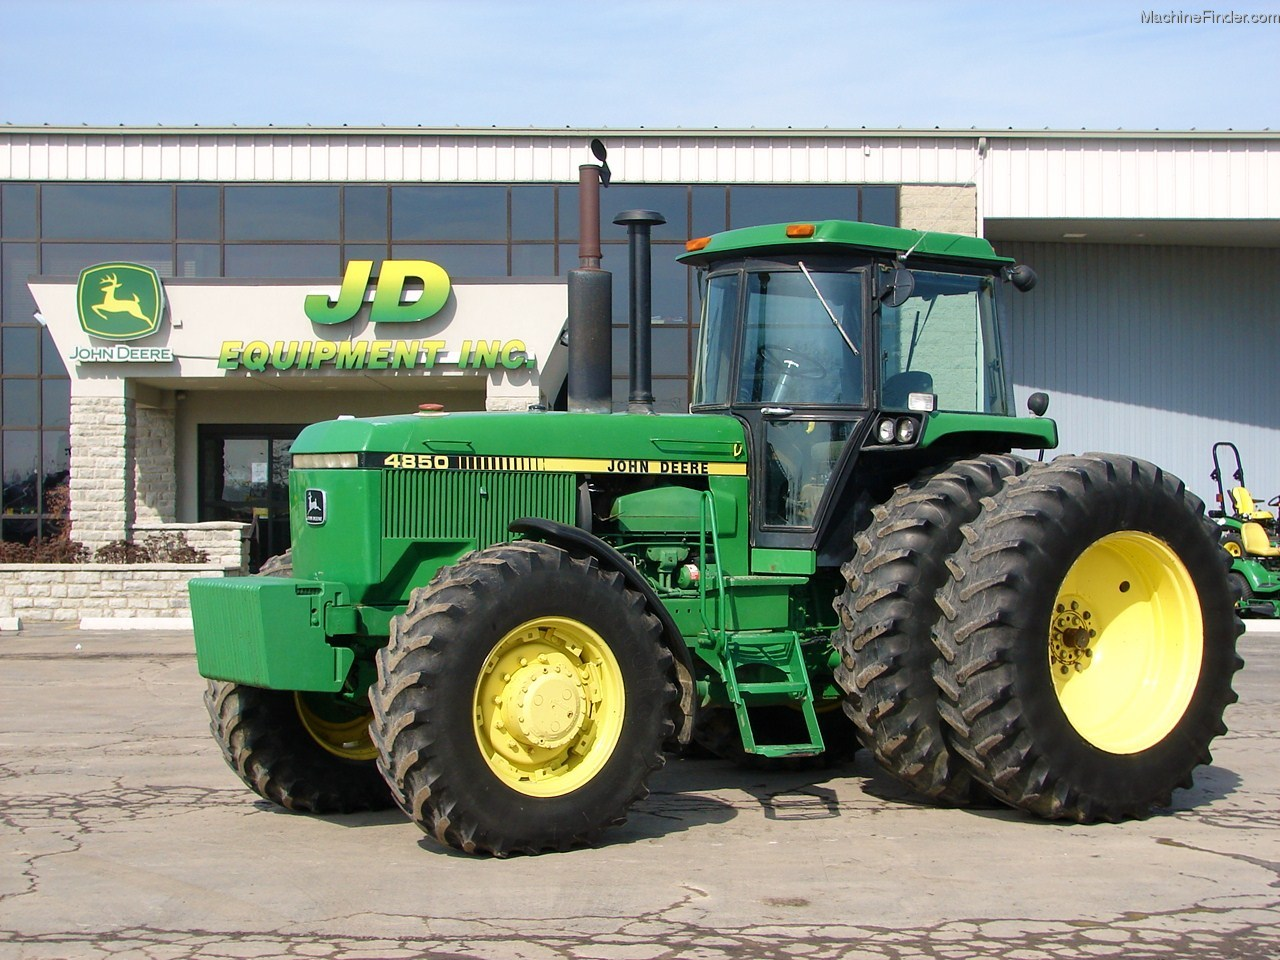 1986 John Deere 4850 Tractors - Row Crop (+100hp) - John ...